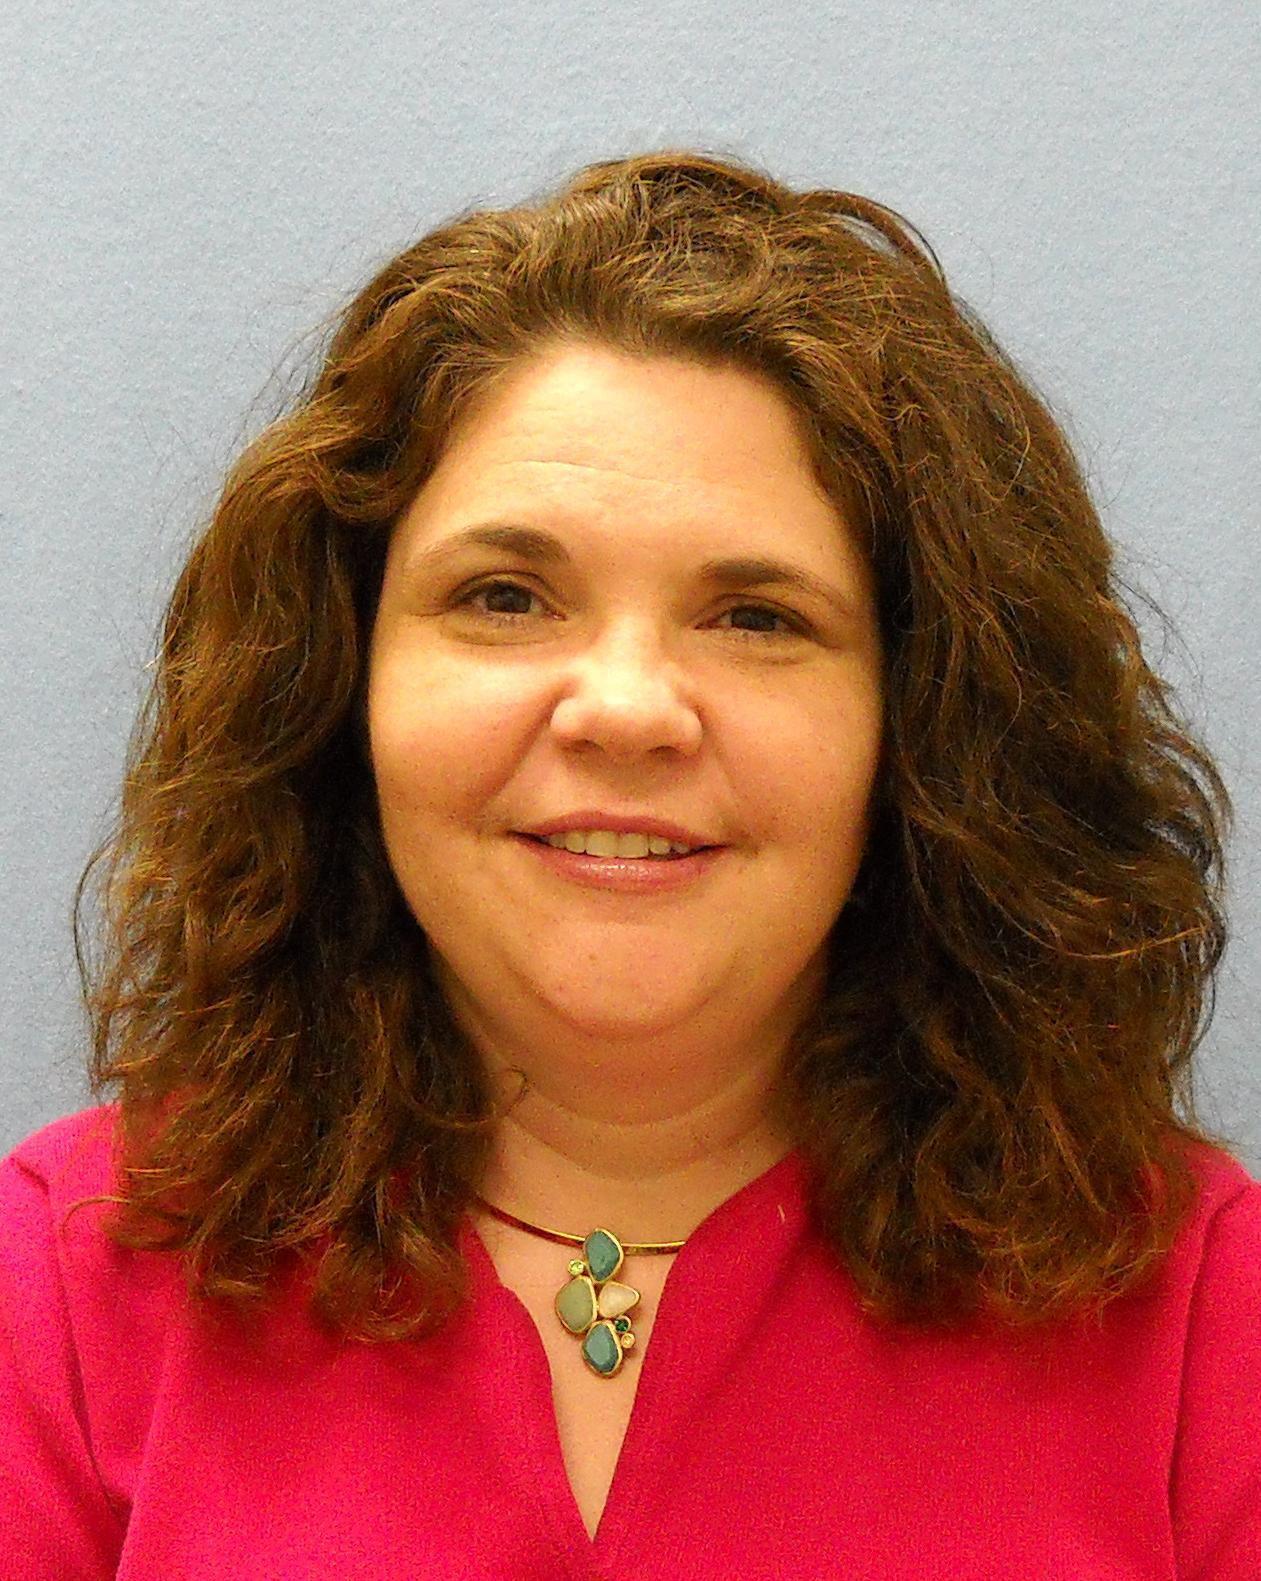 La Crosse County Corporation Counsel Megan DeVore